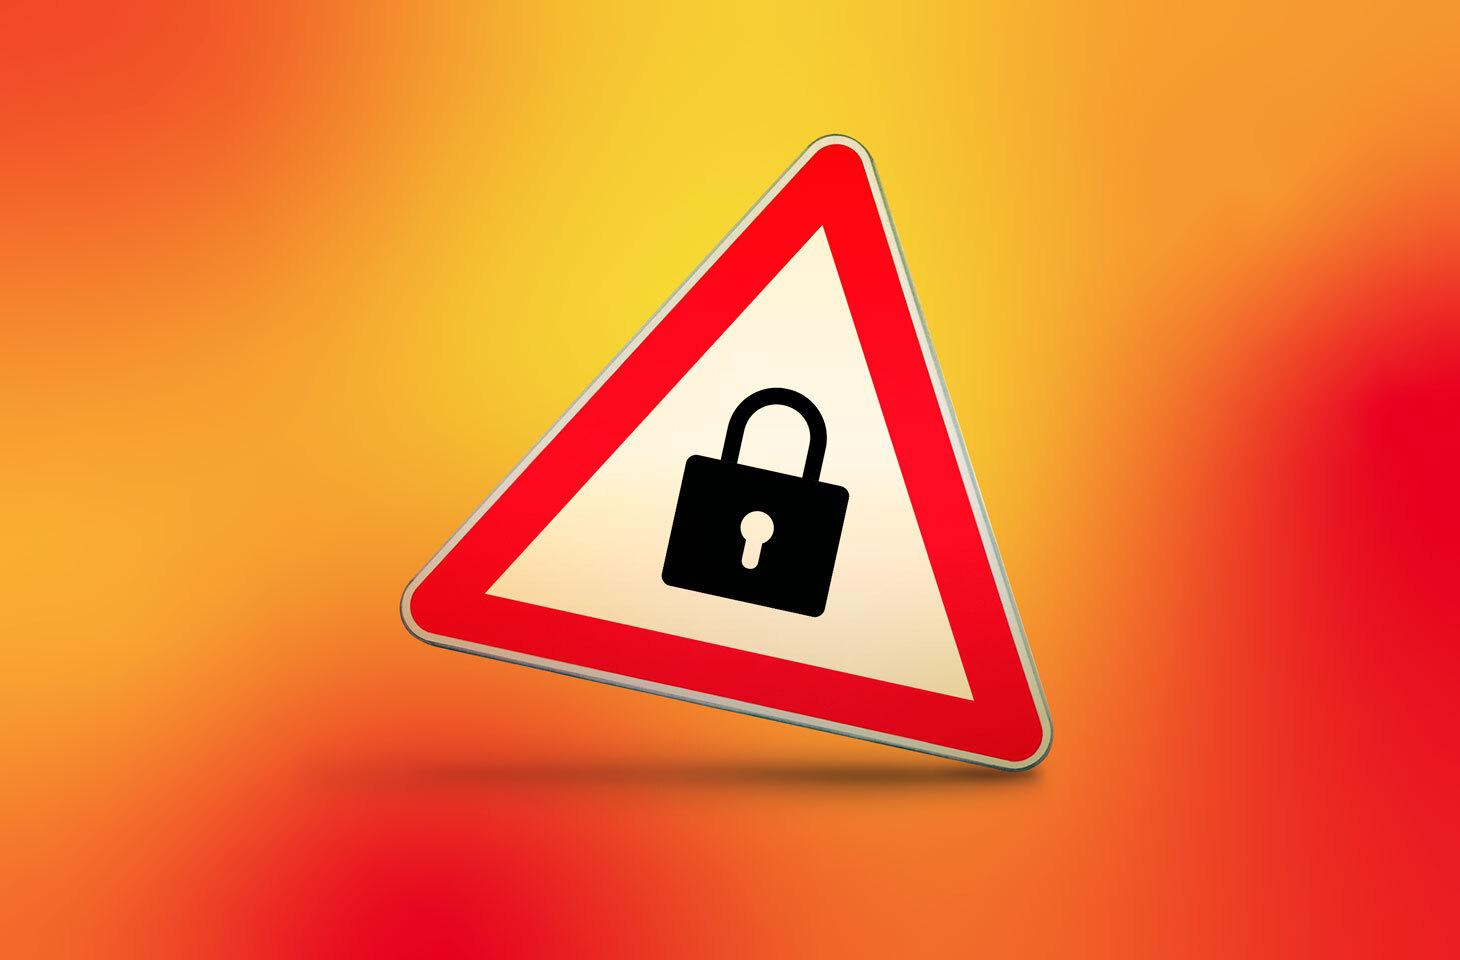 最も危険なランサムウェア:2021年トップ5 | カスペルスキー公式ブログ